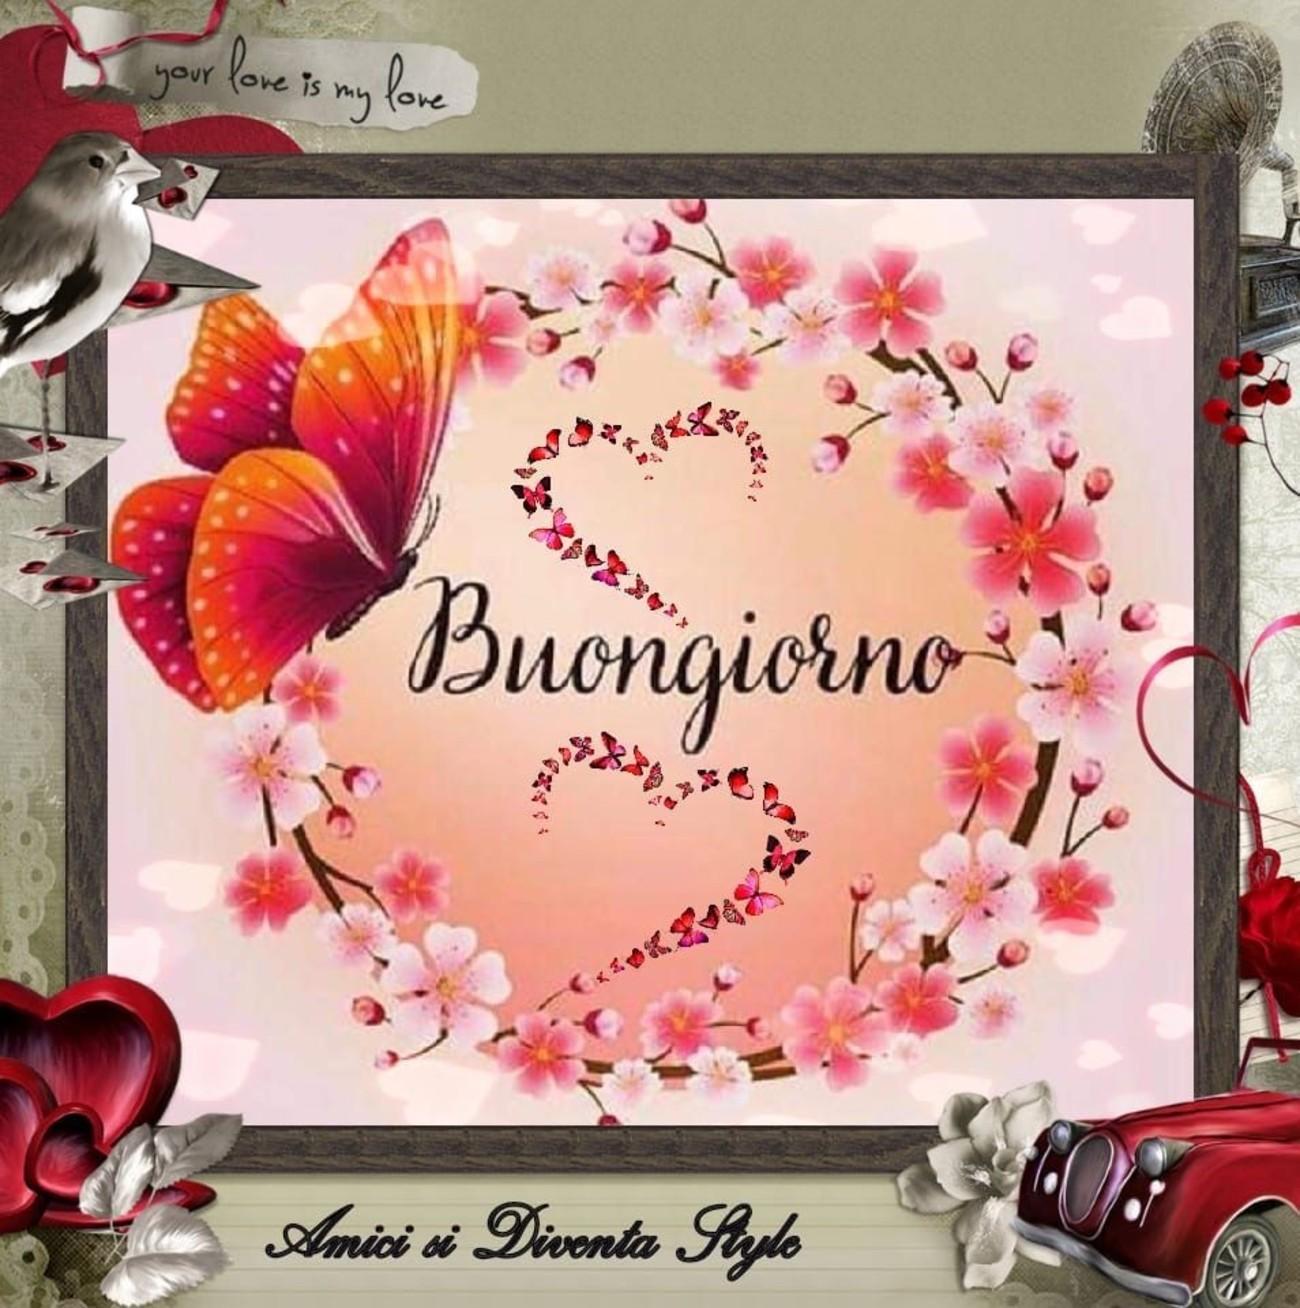 Buongiorno Immagini Pinterest 5967 Immaginifacebook It